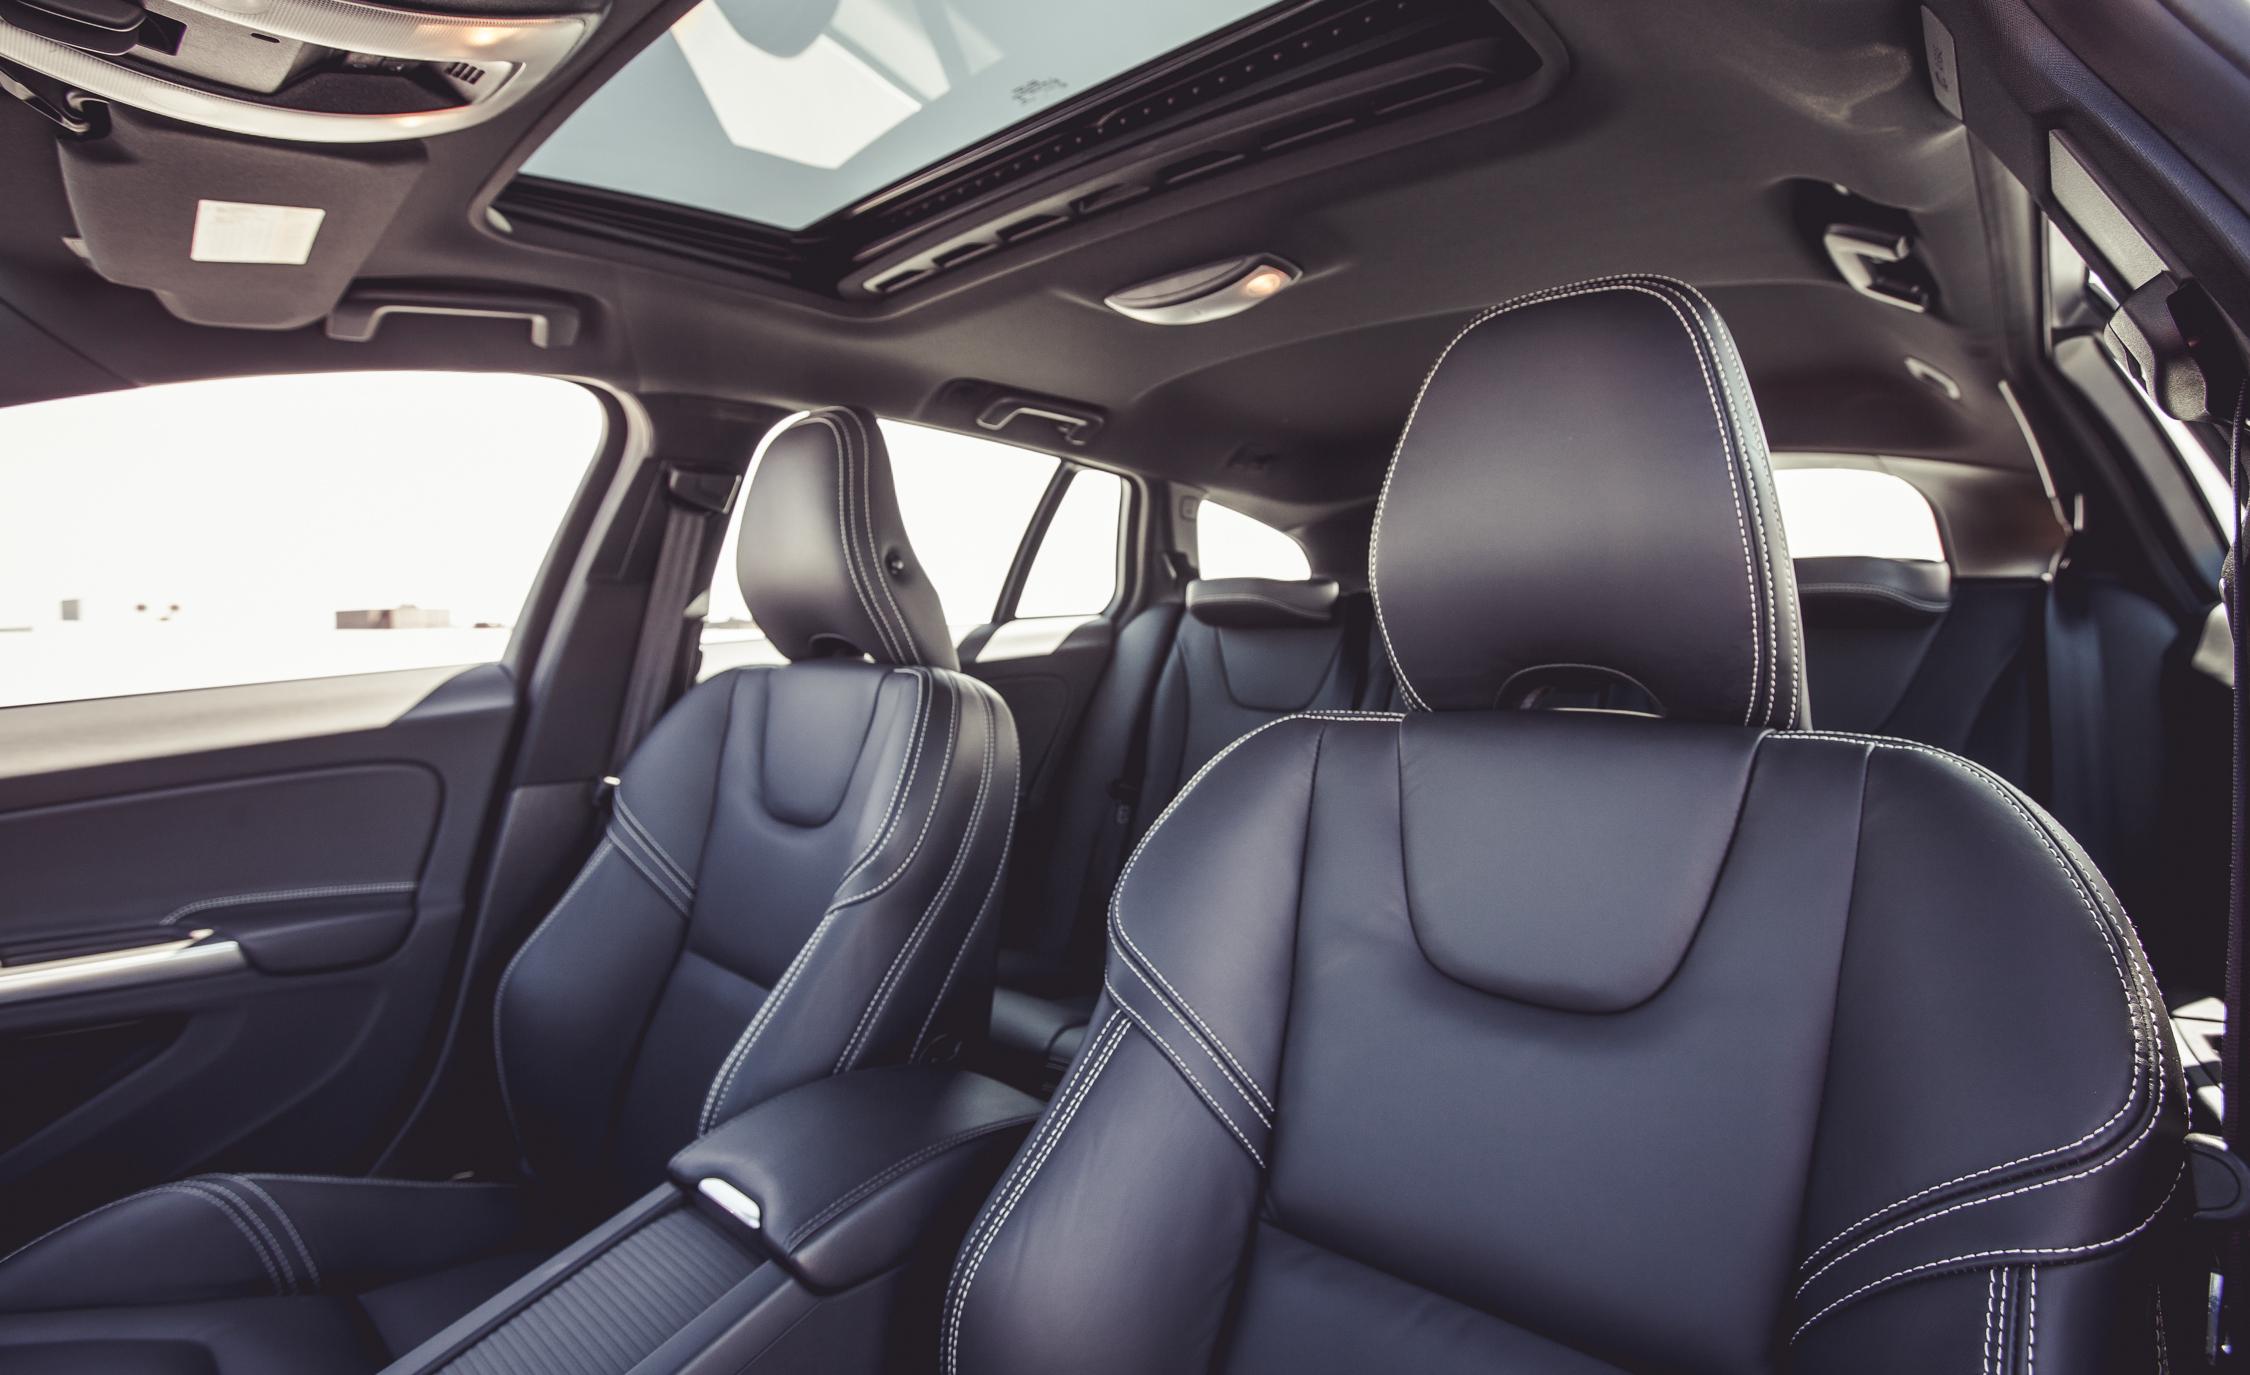 2015 Volvo V60 Interior Passenger Seats Front